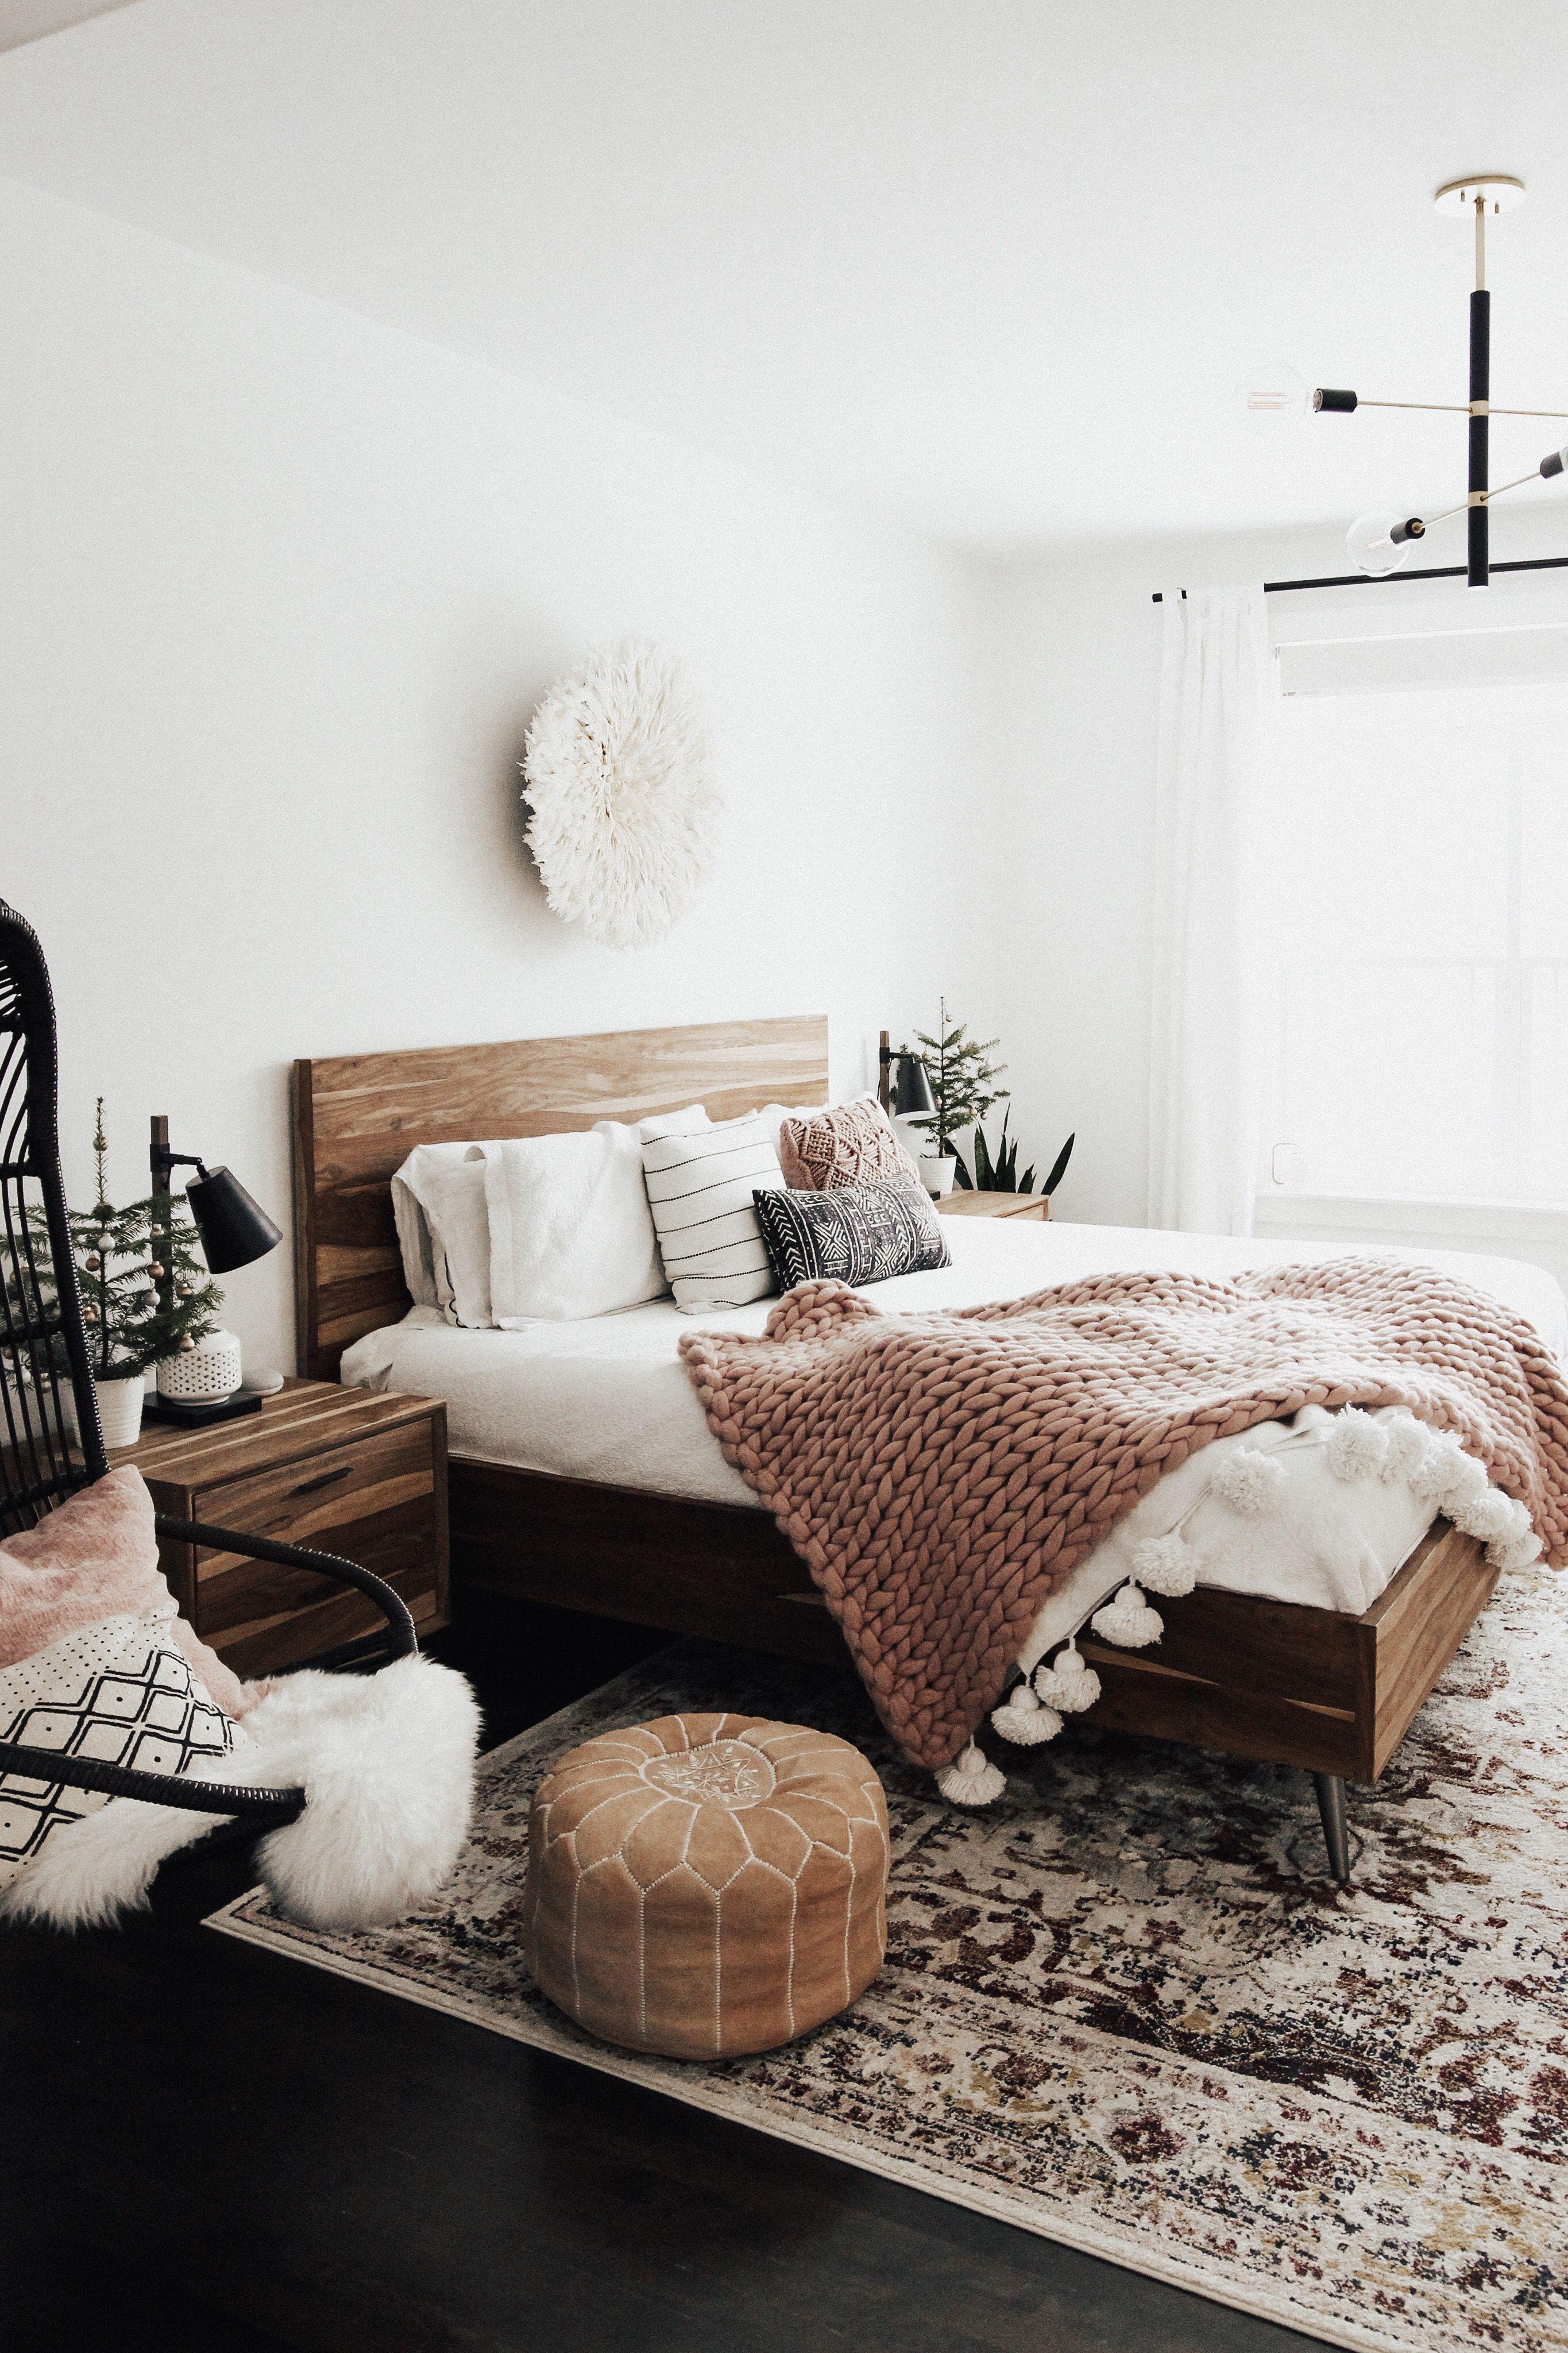 Chambre à coucher au milieu du siècle amyepeters structube The ...